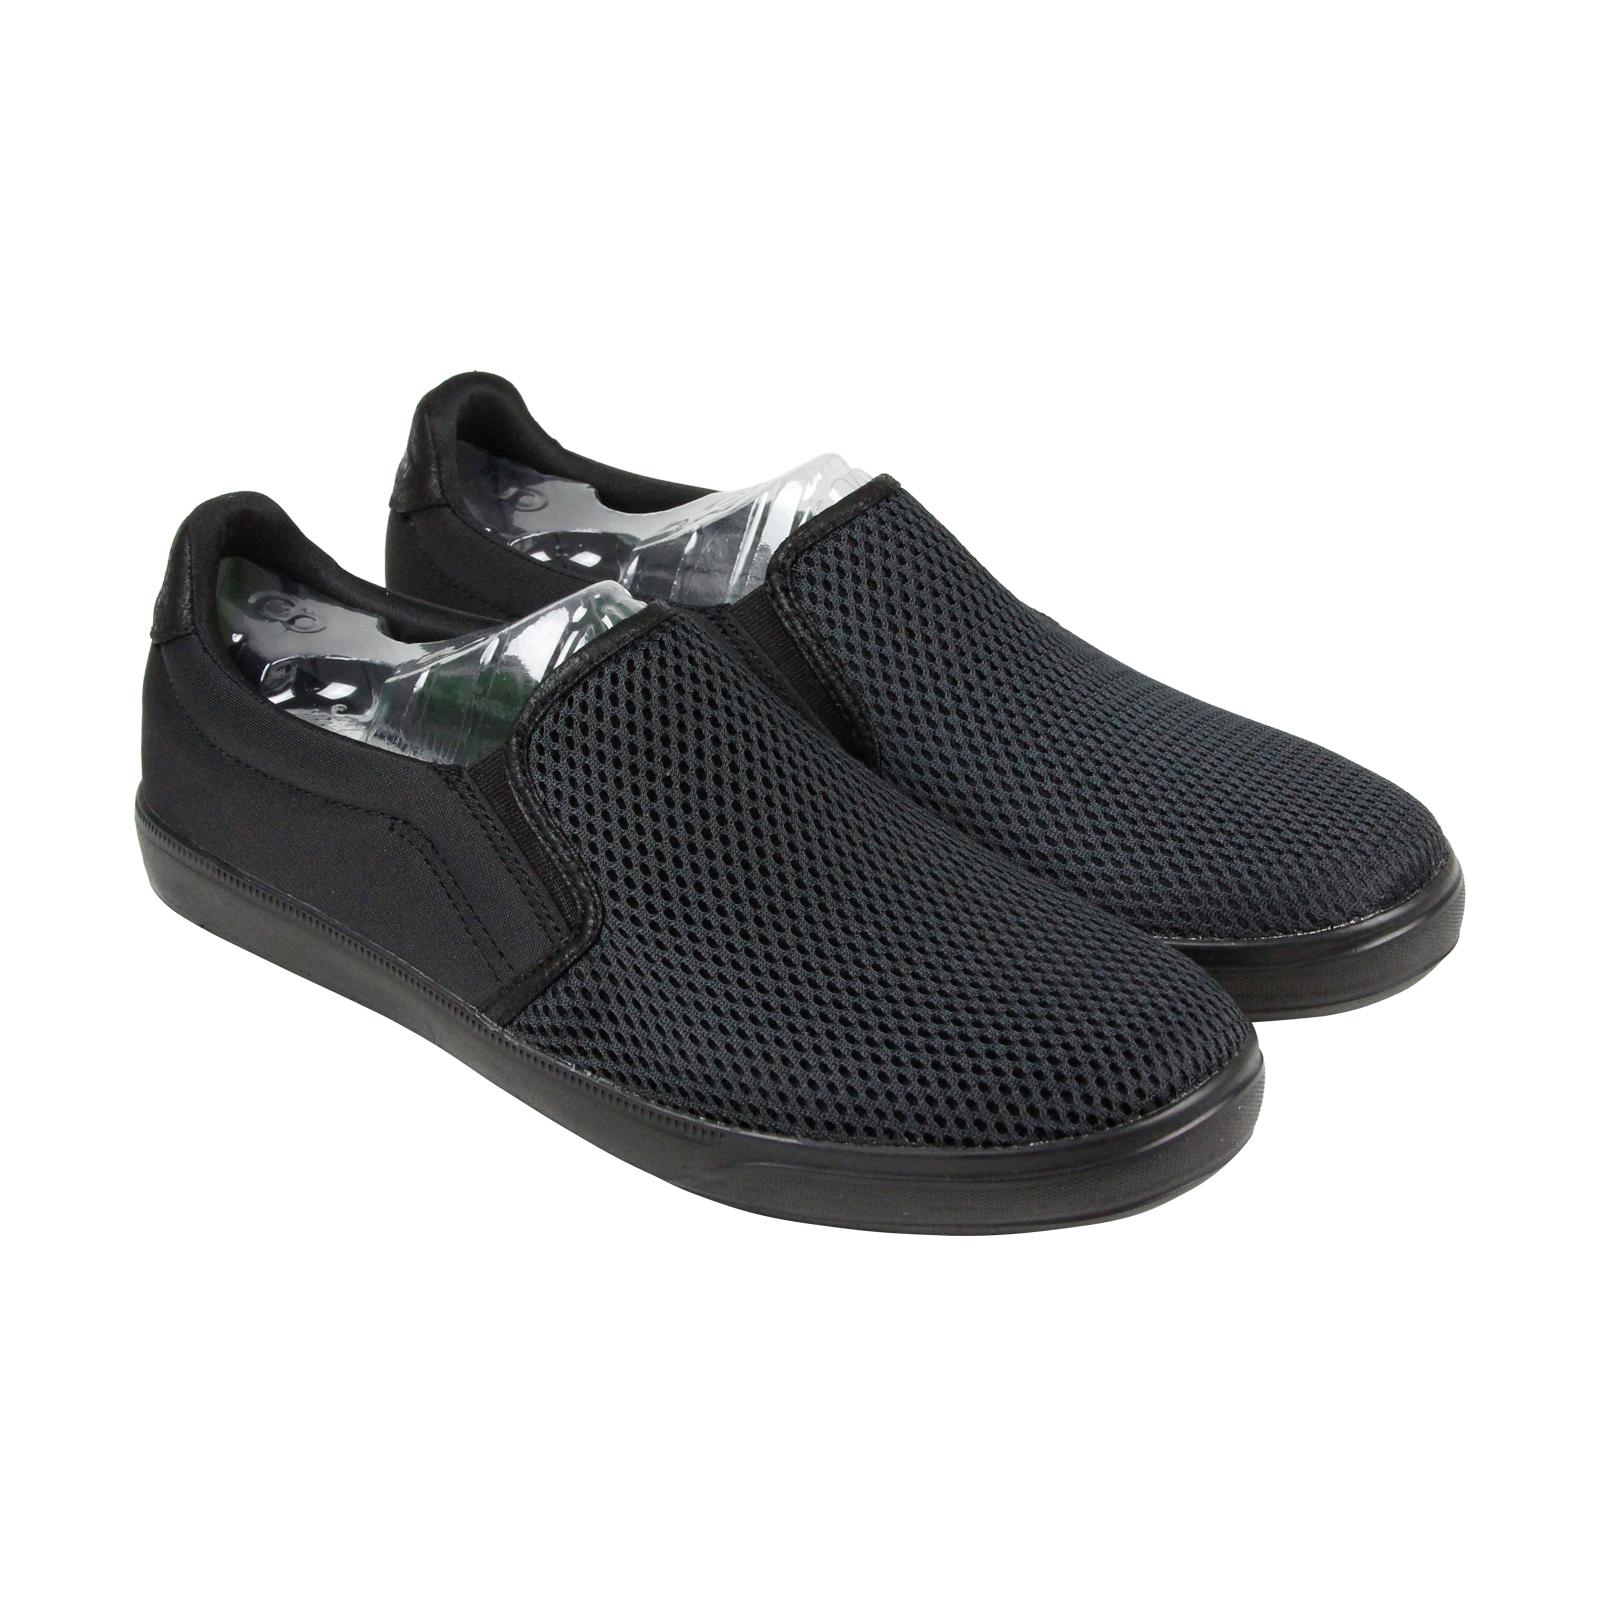 Skechers Gowalk  Lace Up Shoes